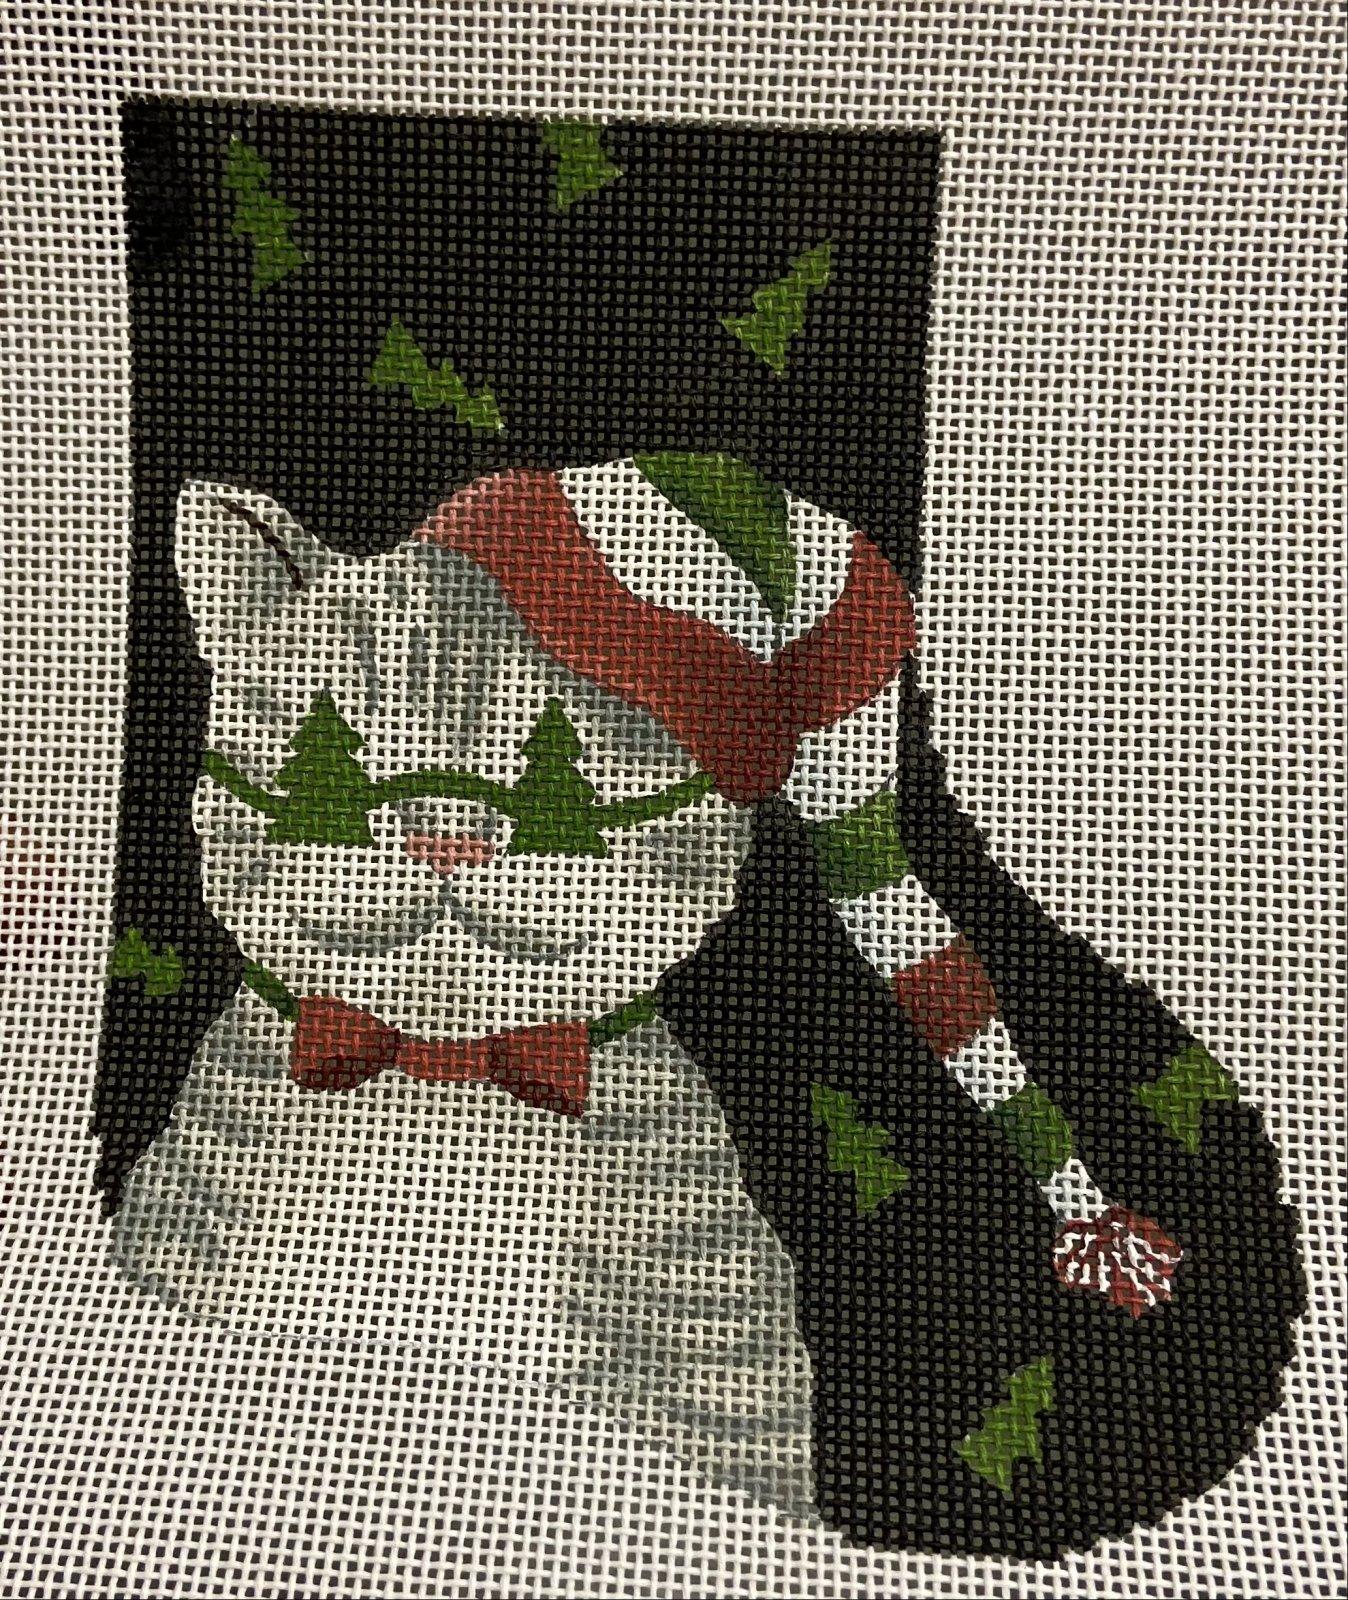 Tree Shades Kitty Mini Sock